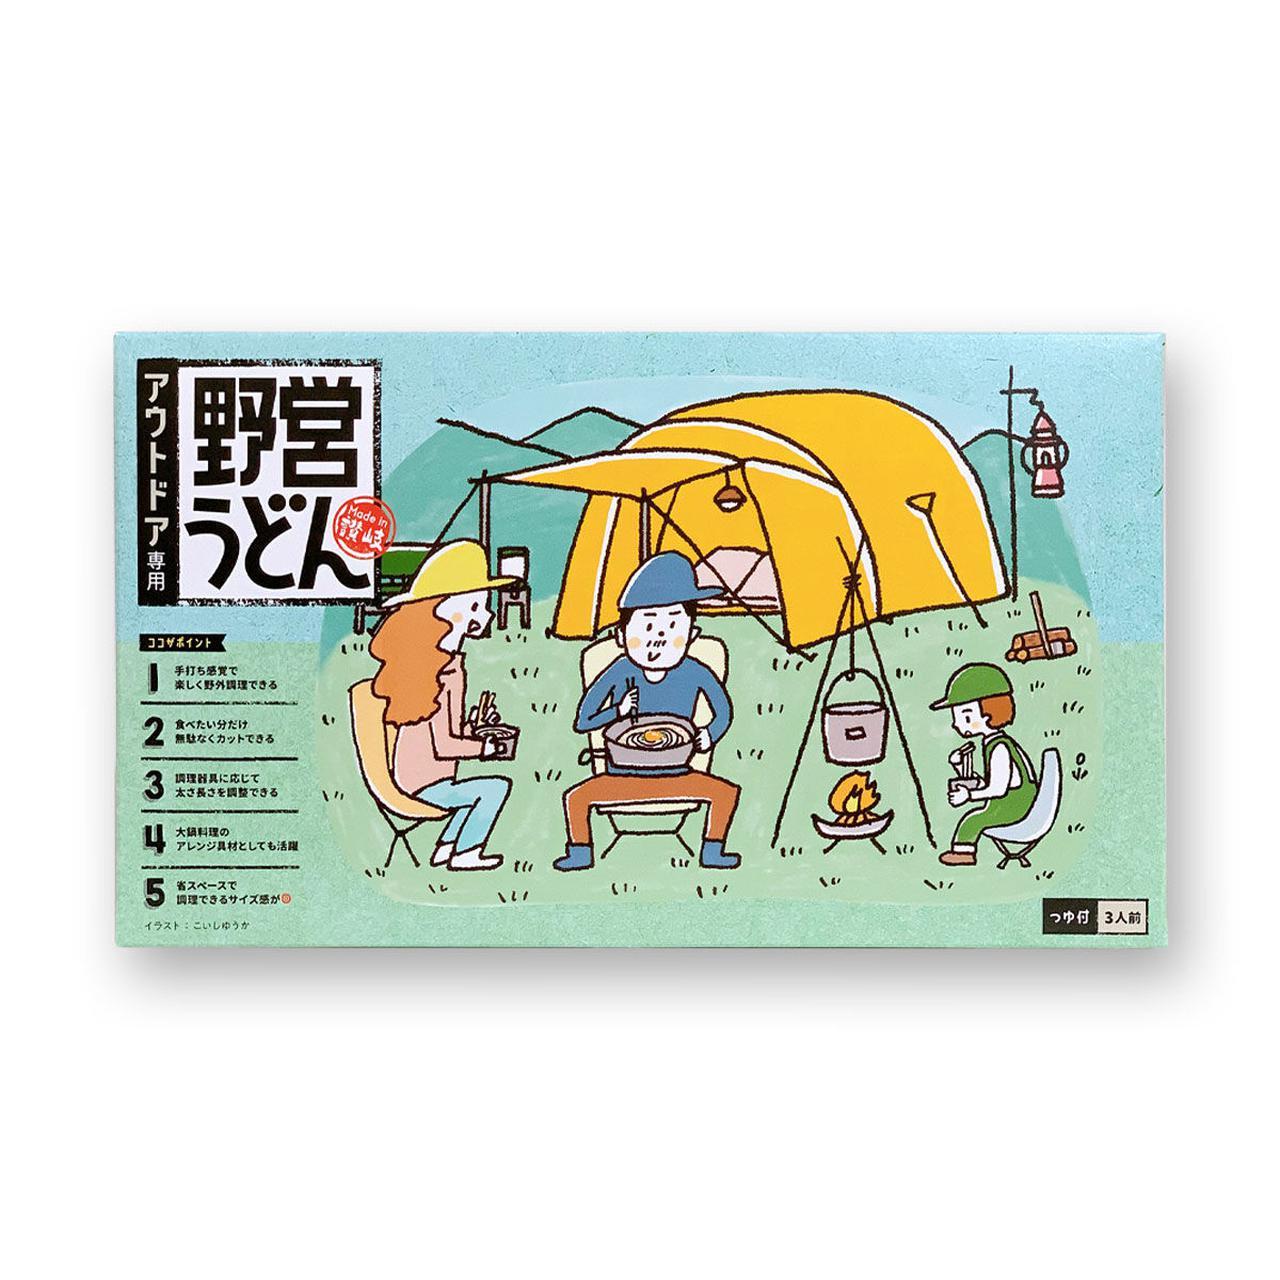 画像: 夏には冷やしうどんも!アウトドア専用「野営うどん」誕生!キャンプで本格讃岐うどんを作って食べよう♪